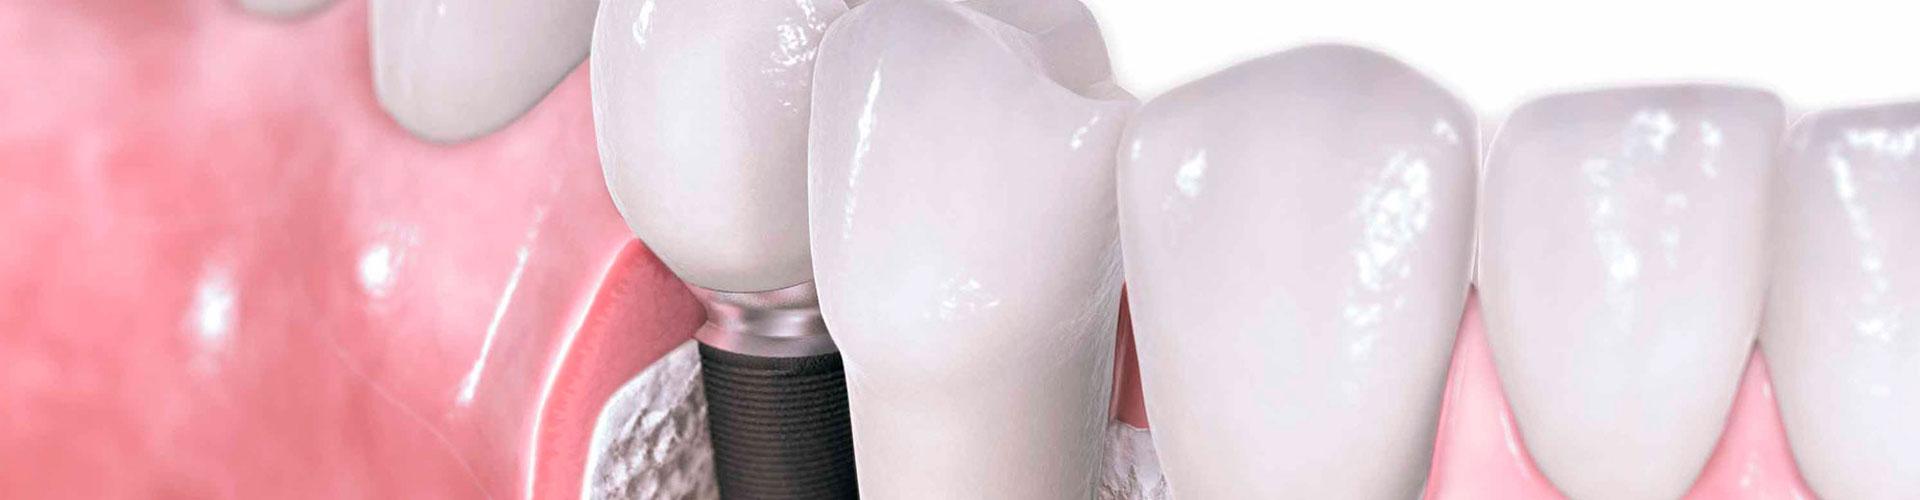 Імпланти - зуби на все життя